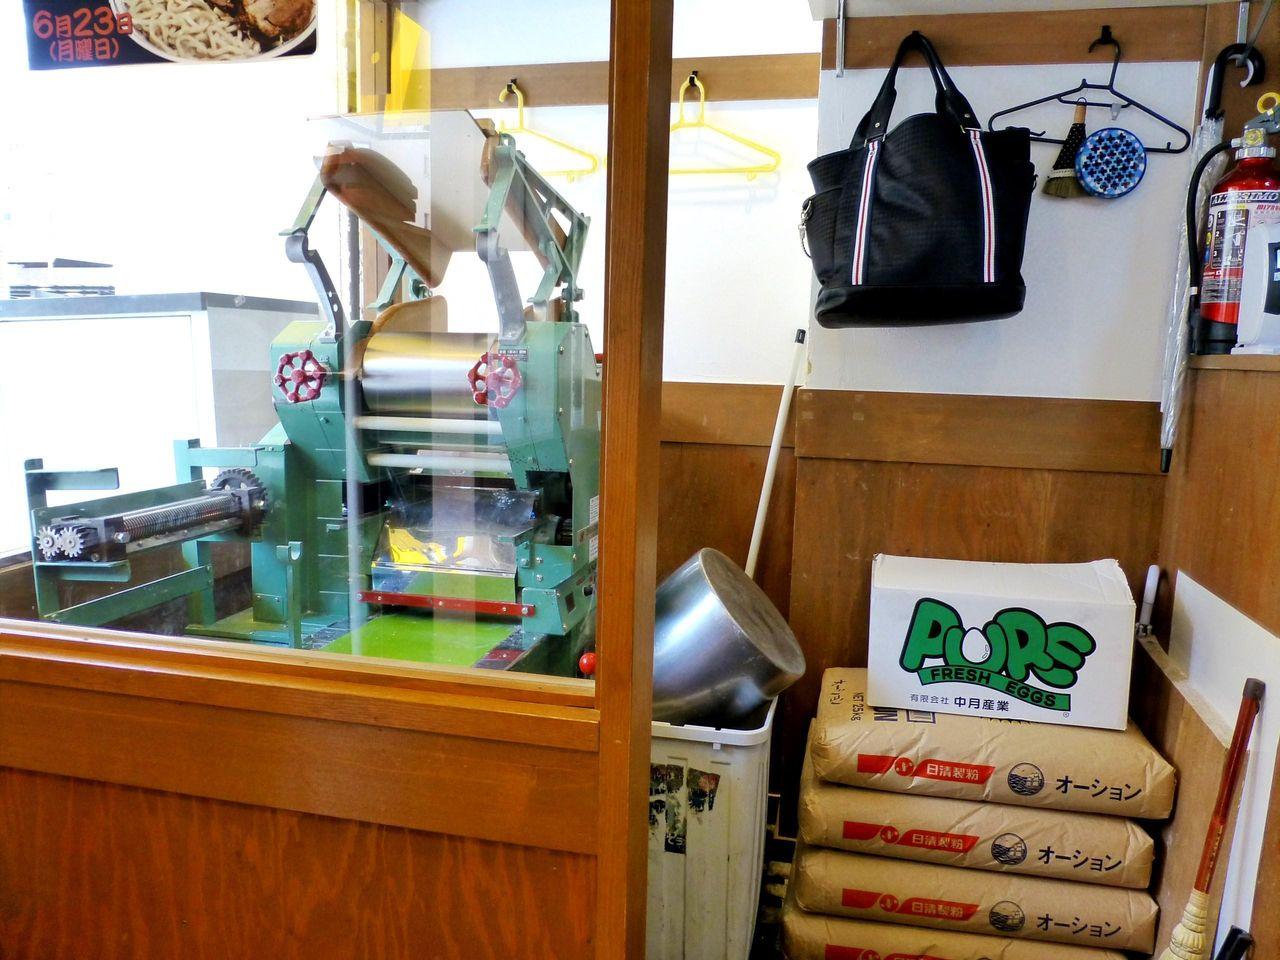 店内に製麺機があり、自家製麺を提供しています!